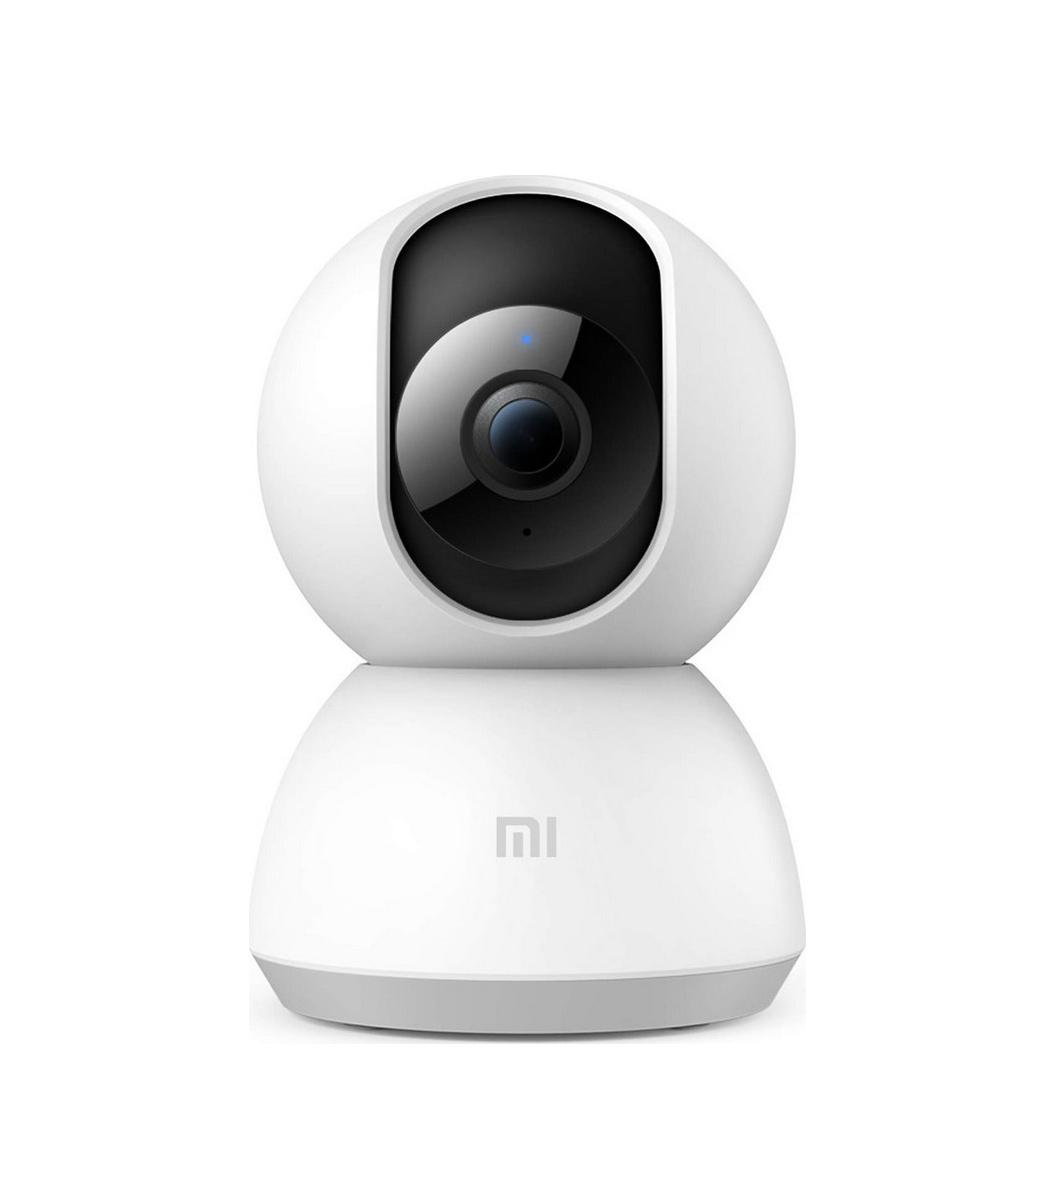 Xiaomi Mi Home Security Camera 360° 1080p White